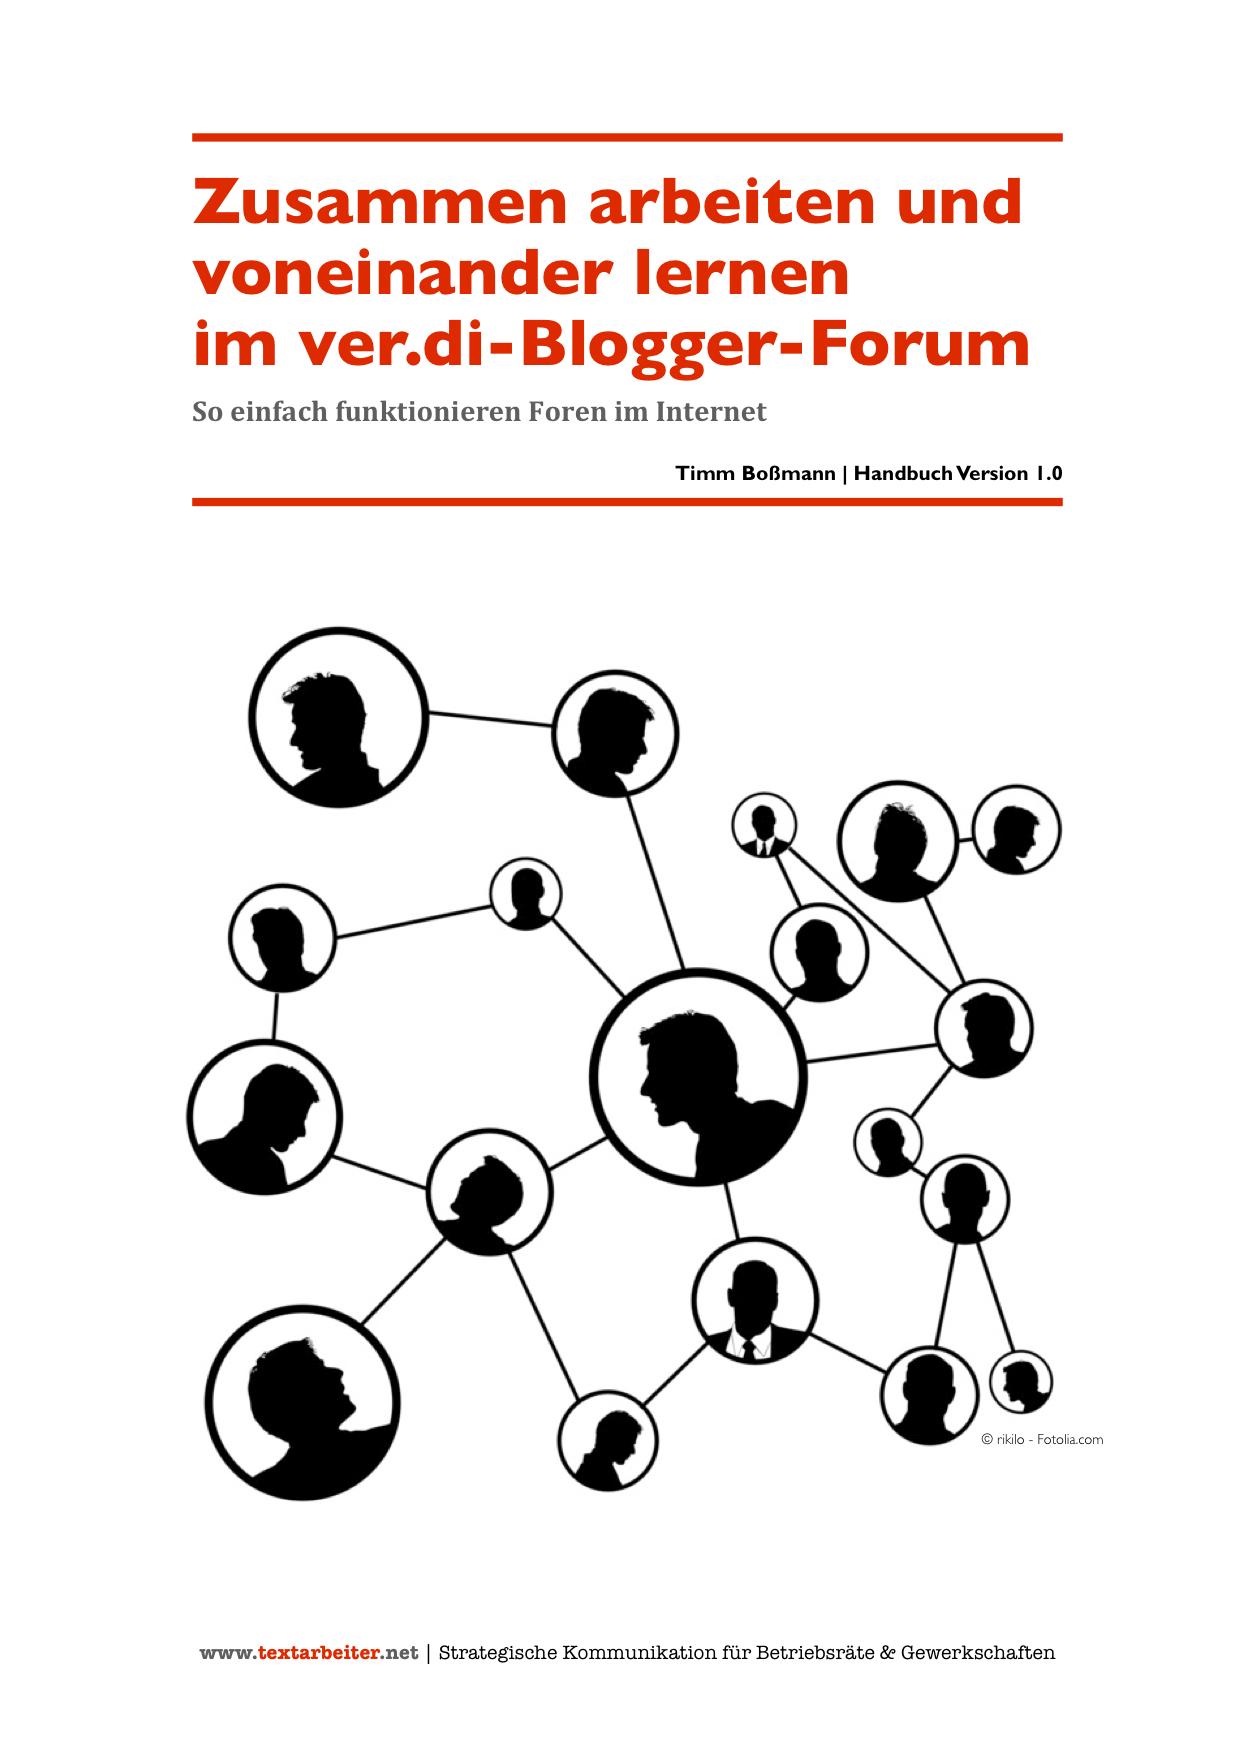 Titel_Forum-Anleitung_1.0